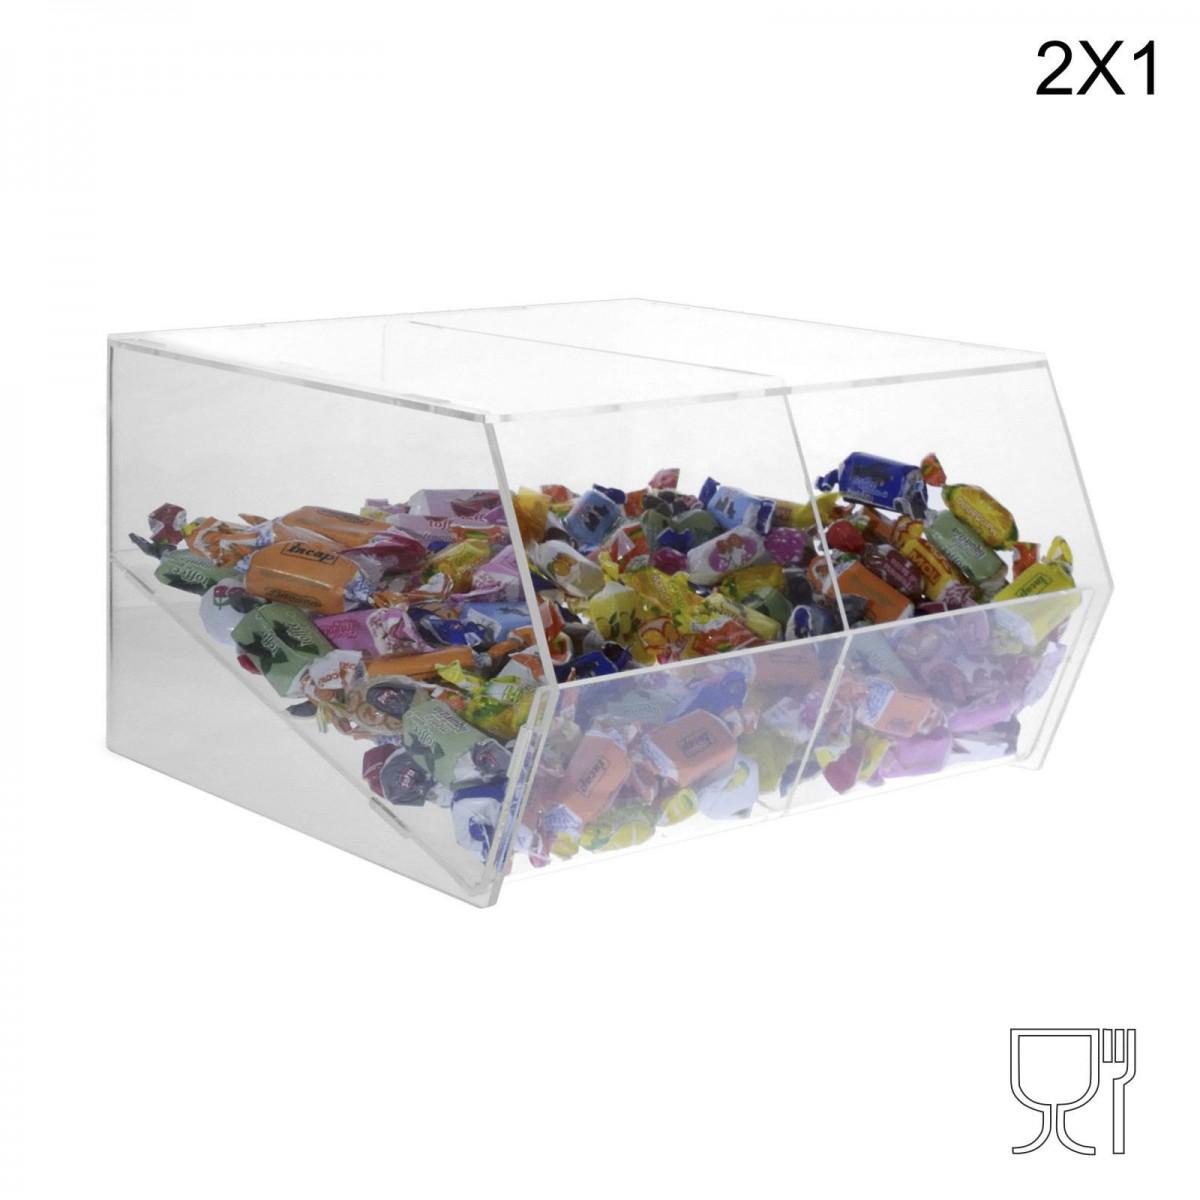 Porta caramelle  in plexiglass trasparente SENZA sportello con Ripiano Inclinato